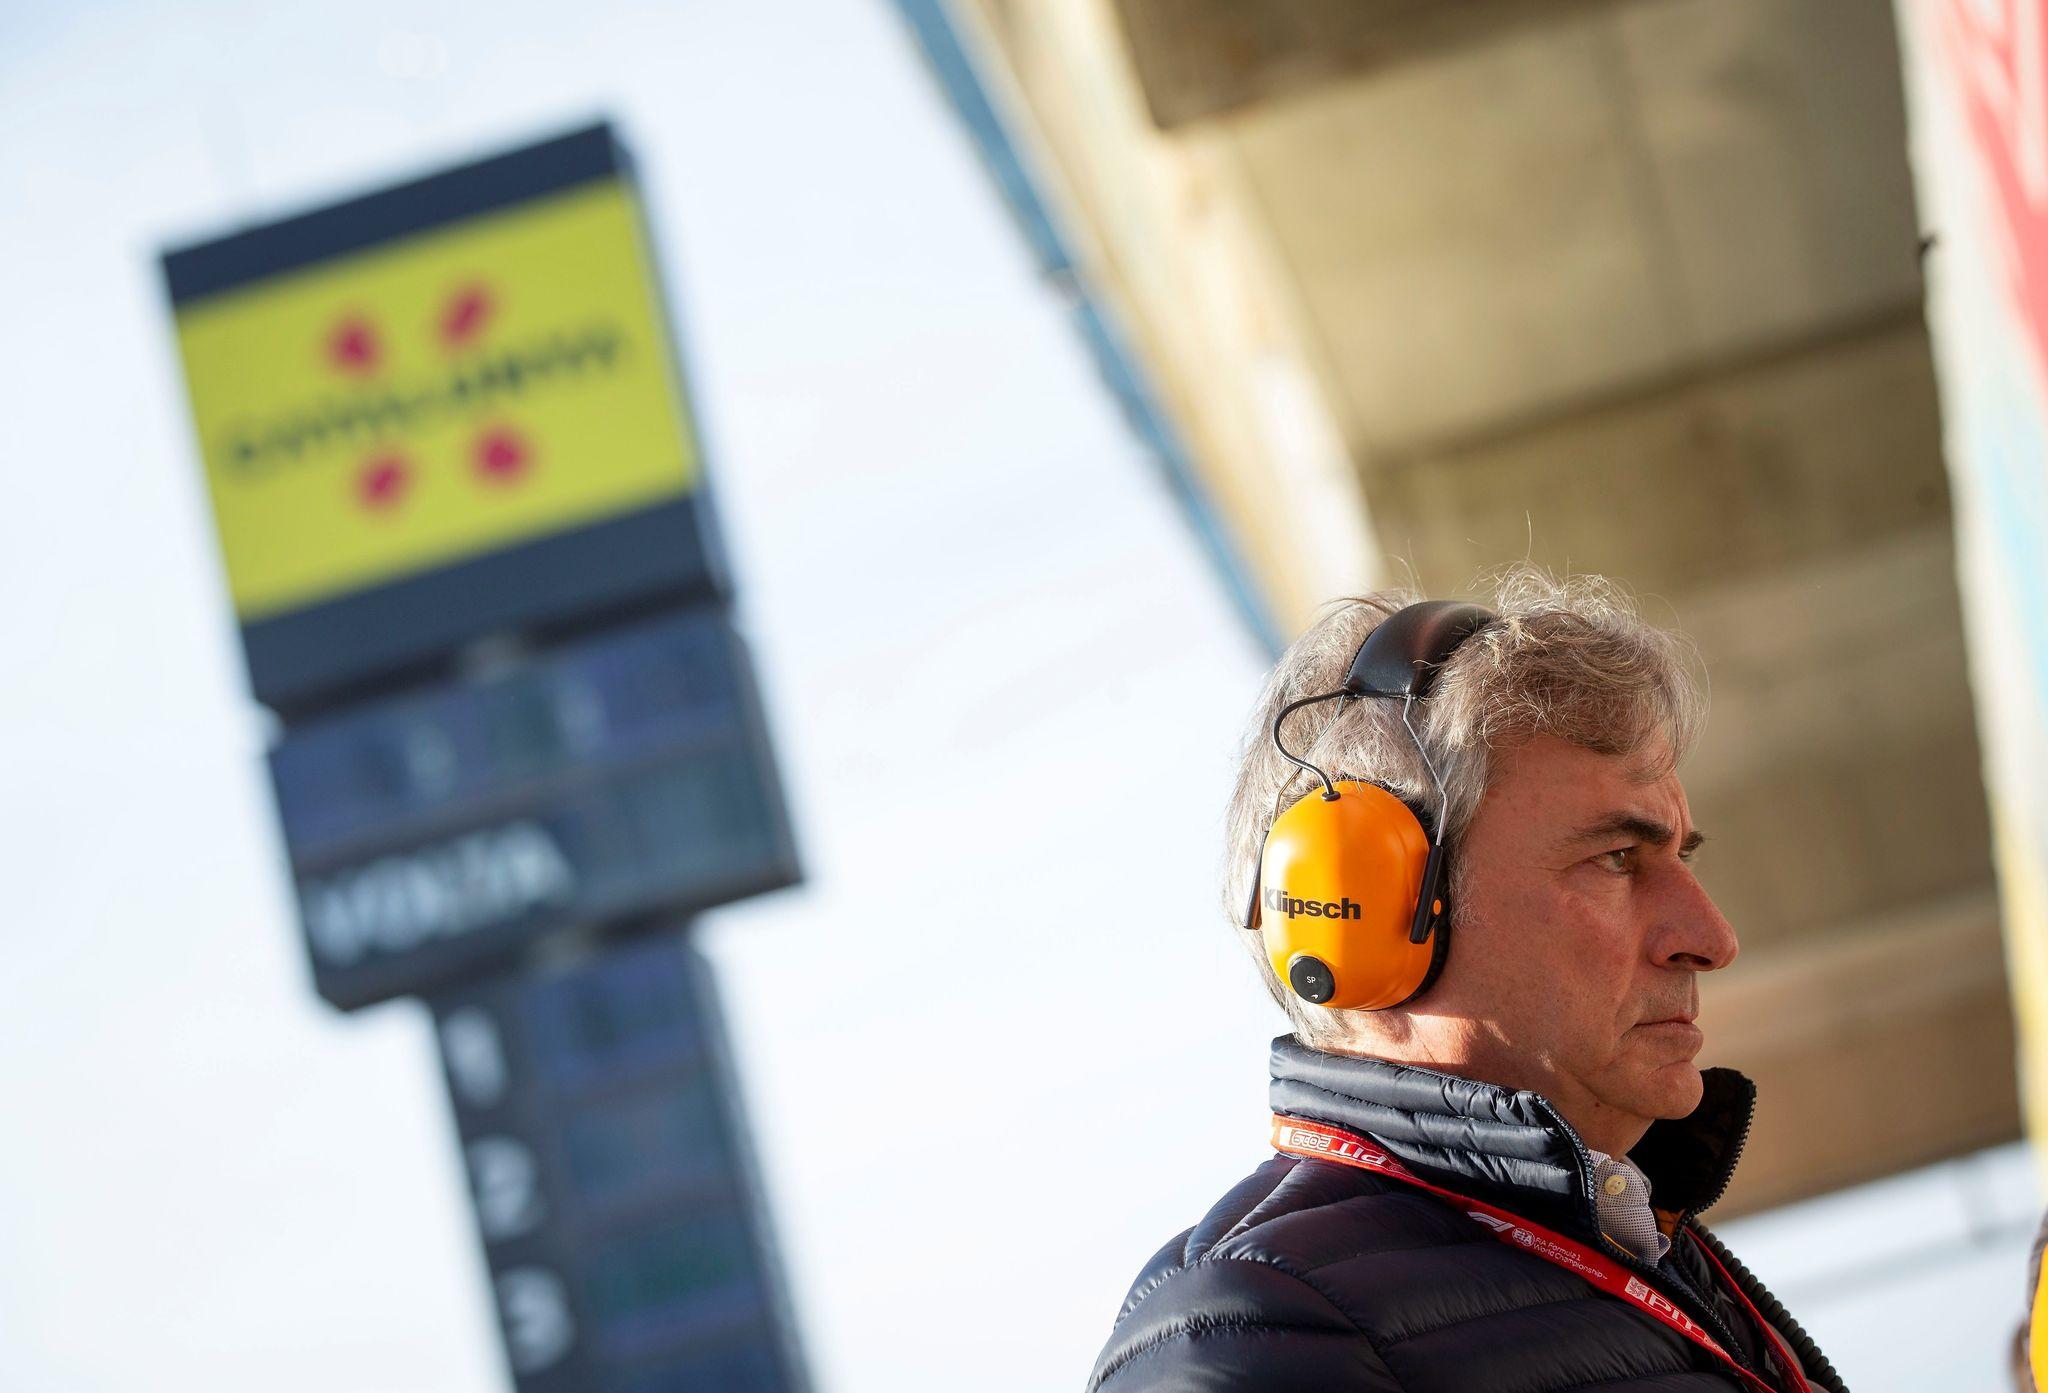 GRAFCAT1980. MONTMELÓ (BARCELONA), 26/02/2020.- El piloto español Carlos lt;HIT gt;Sáinz lt;/HIT gt;, observa las evoluciones de su hijo Carlos lt;HIT gt;Sáinz lt;/HIT gt;, piloto de McLaren, durante la primera jornada de la segunda tanda de entrenamientos oficiales de pretemporada de Fórmula Uno que se realizan en el Circuito de Barcelona-Cataluña. EFE/Enric Fontcuberta